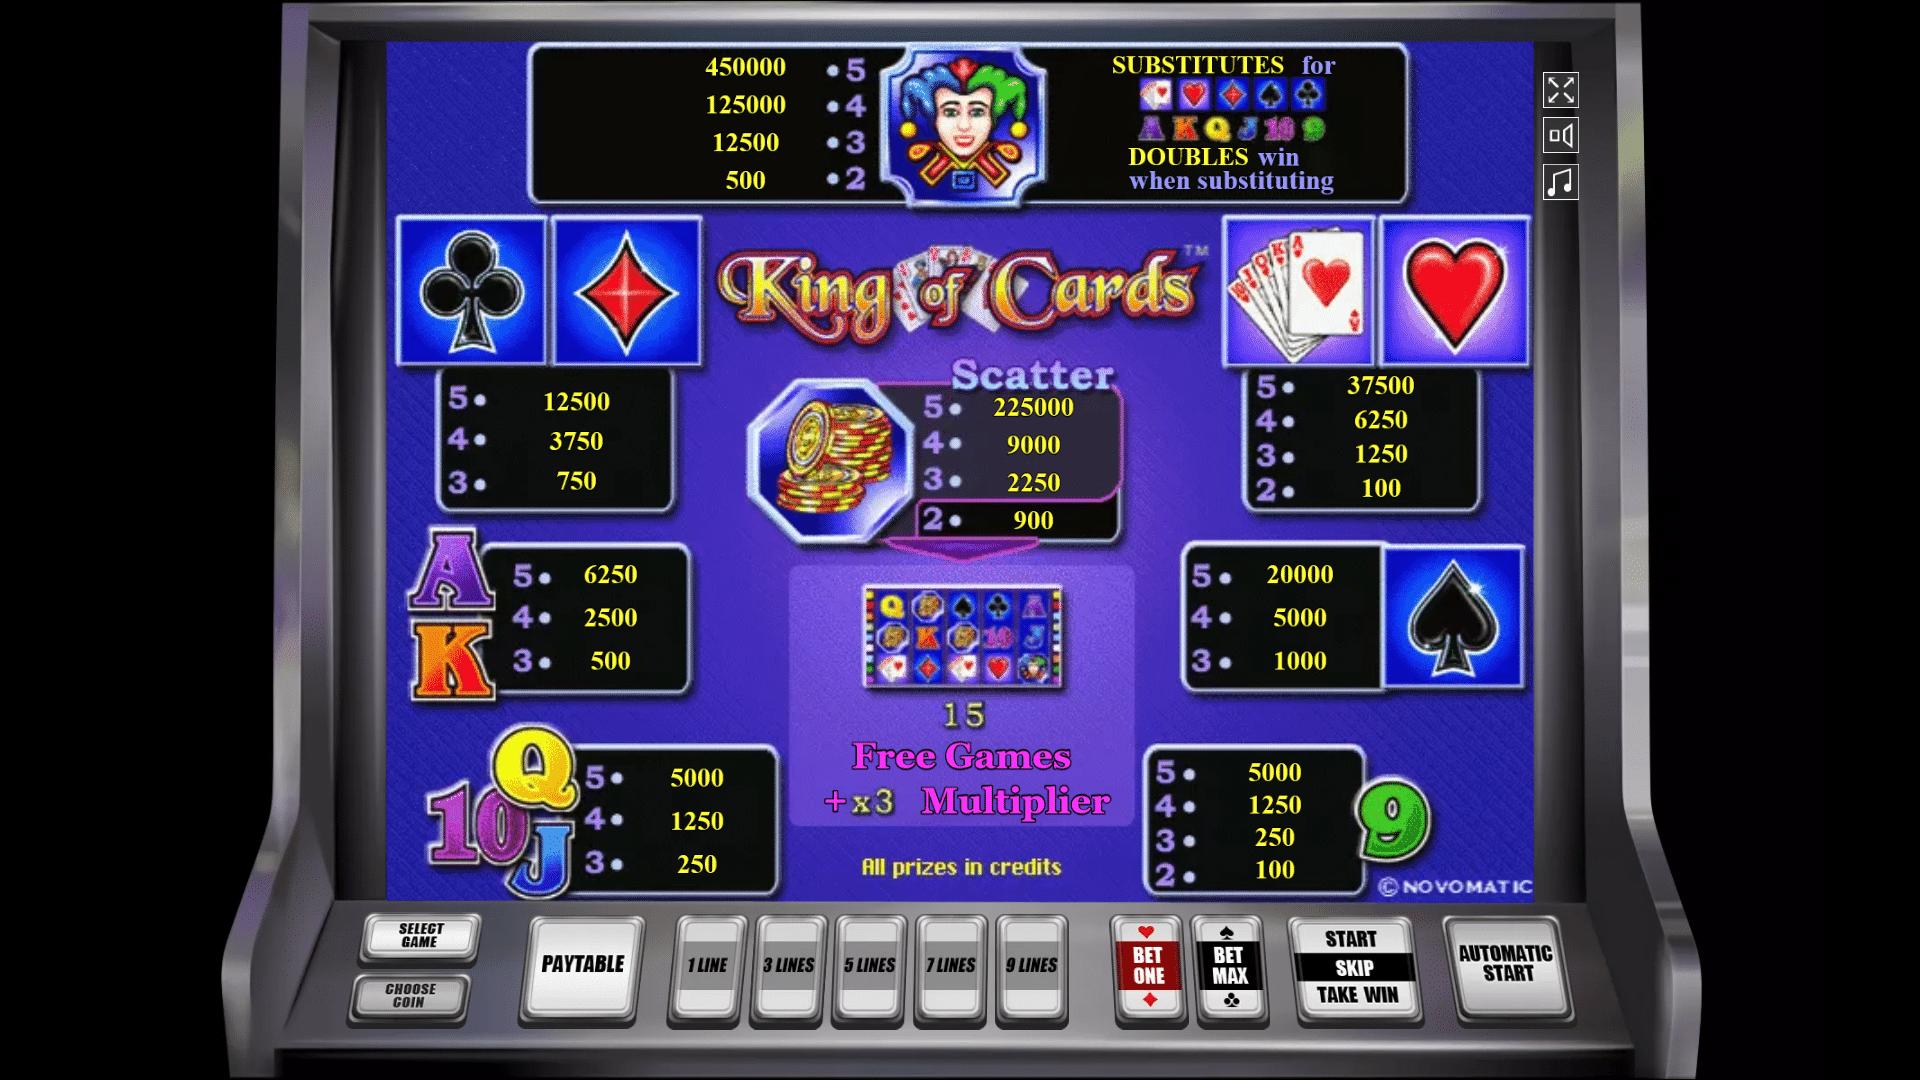 Tabella dei Pagamenti della Slot gratis King of Cards